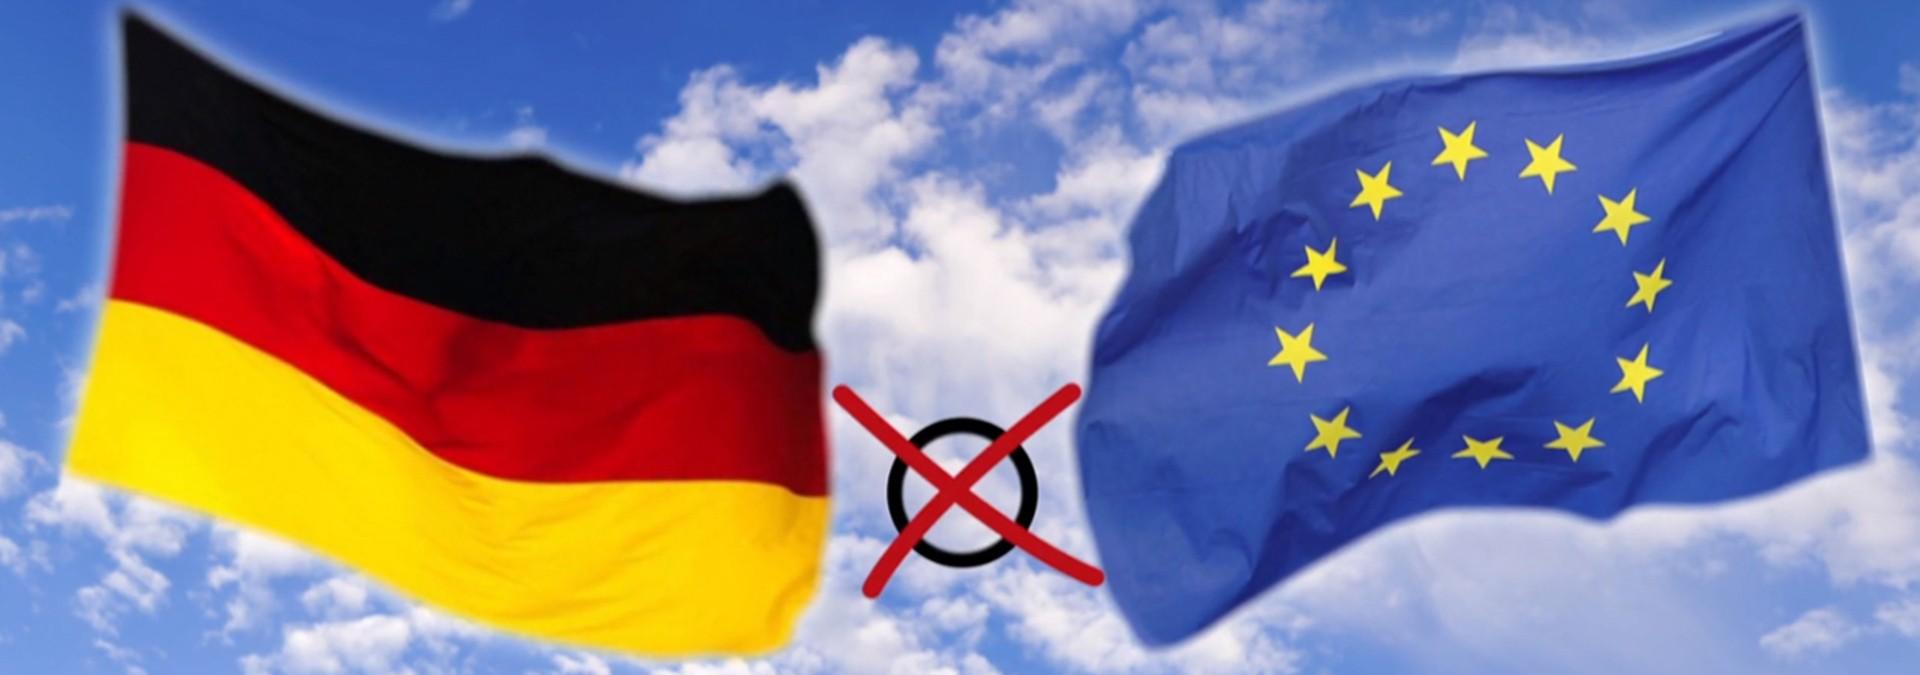 Deutschland wählt Europa